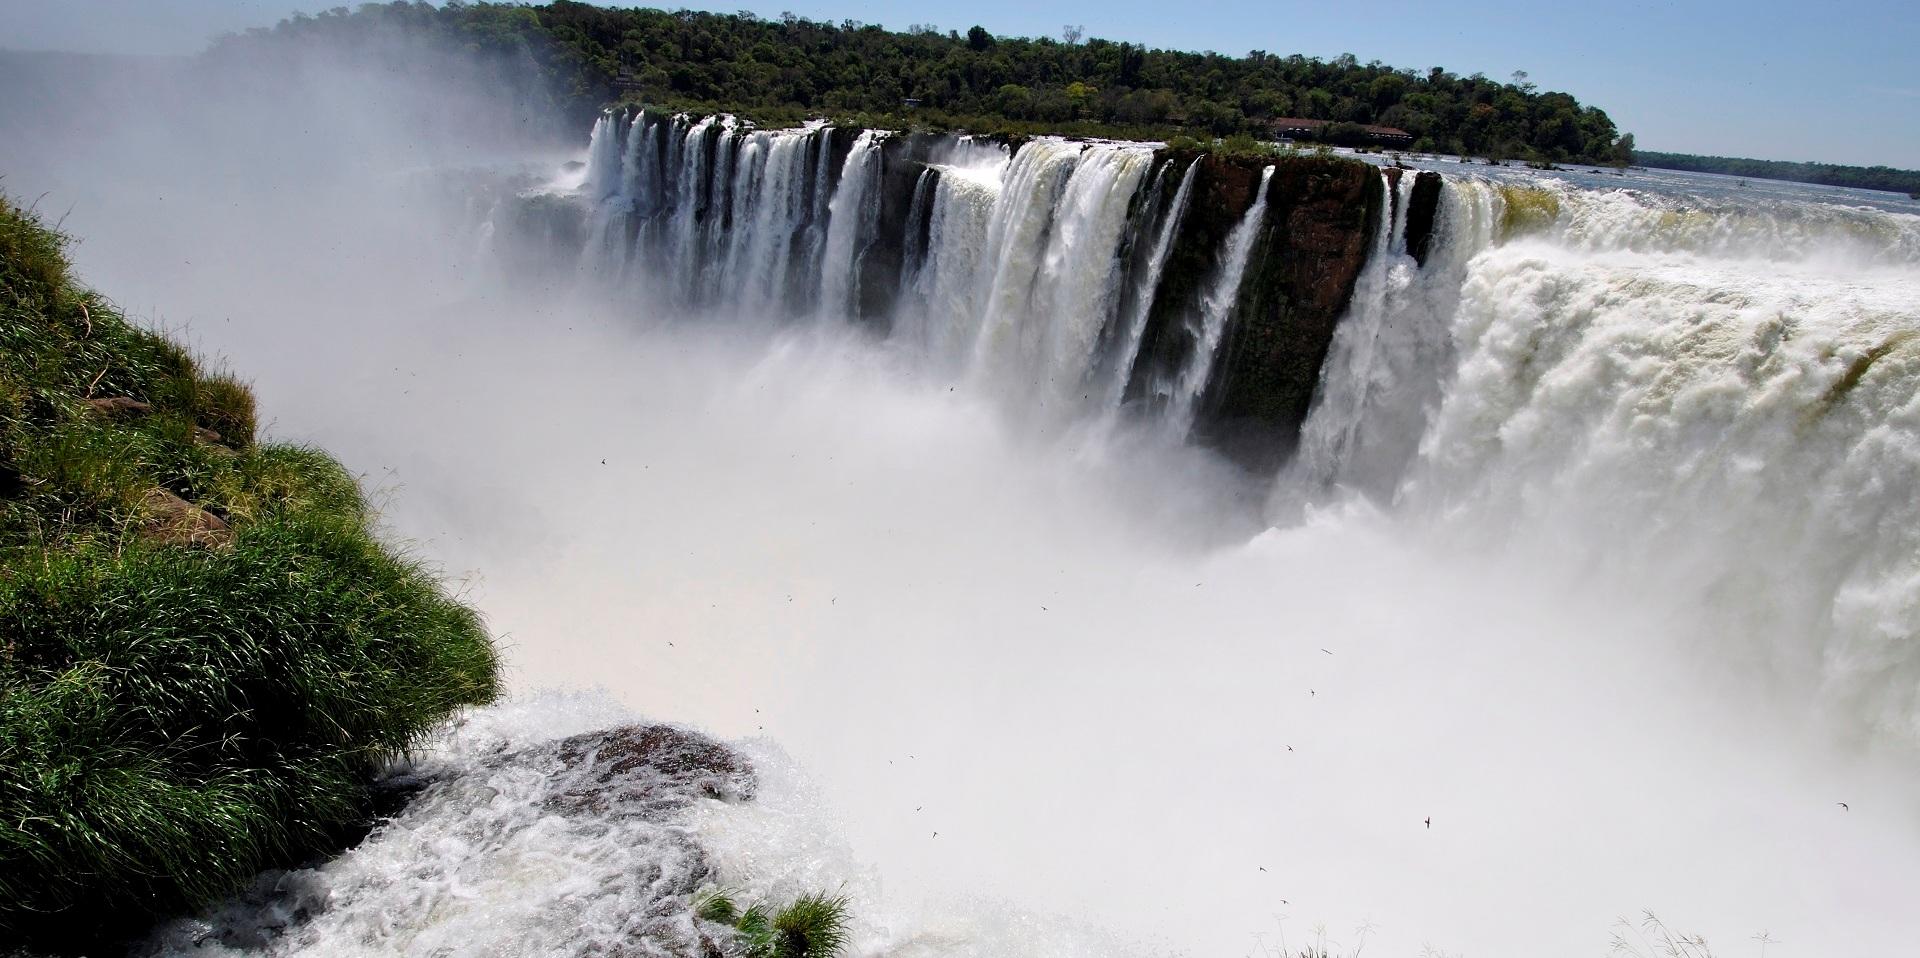 Туры в Бразилию. Водопады Игуасу. Глотка Дьявола